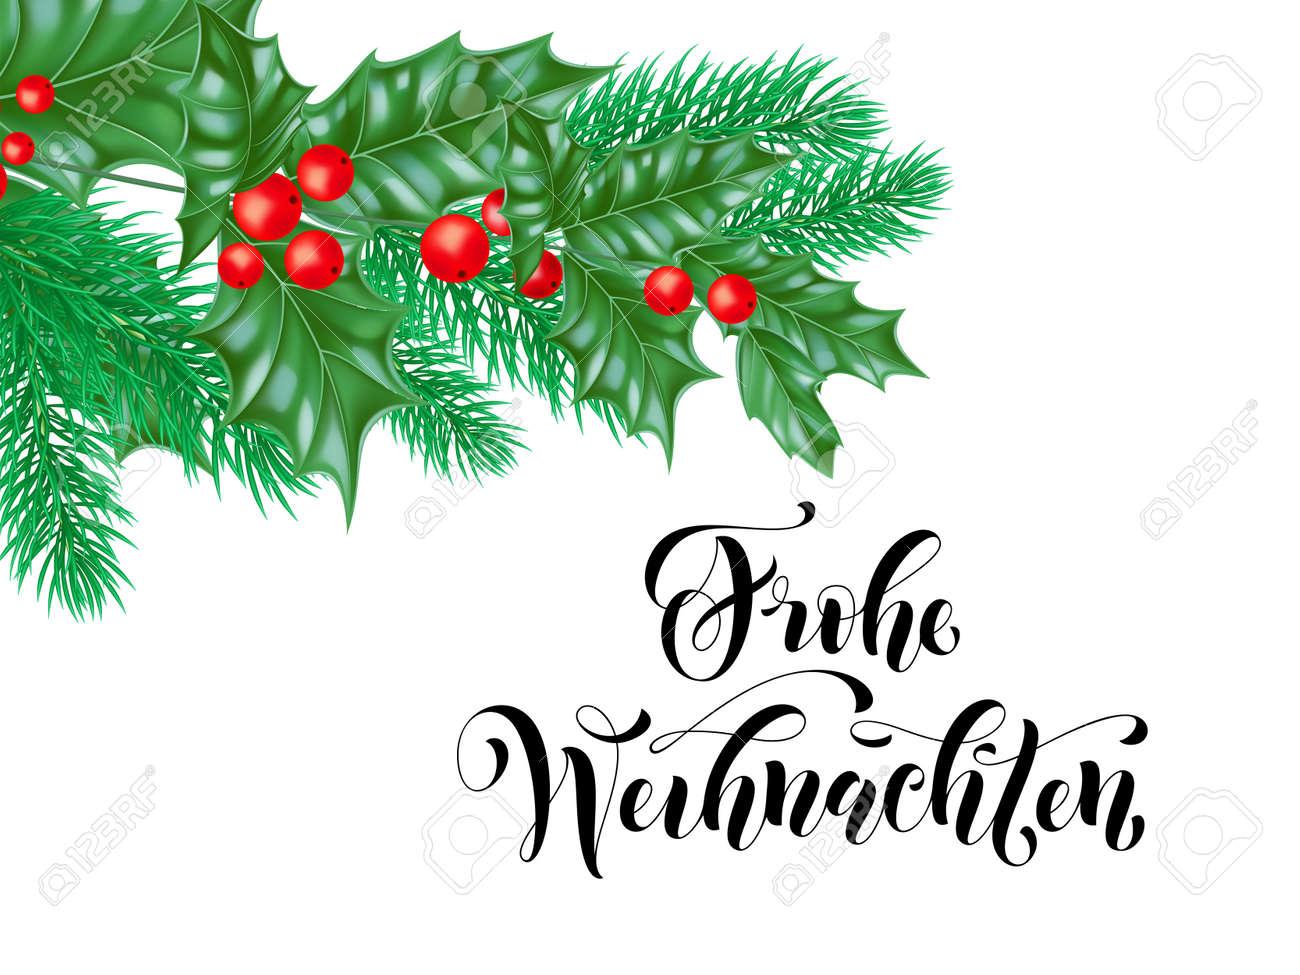 Weihnachten Clipart.Frohe Weihnachten German Merry Christmas Holiday Hand Drawn Calligraphy